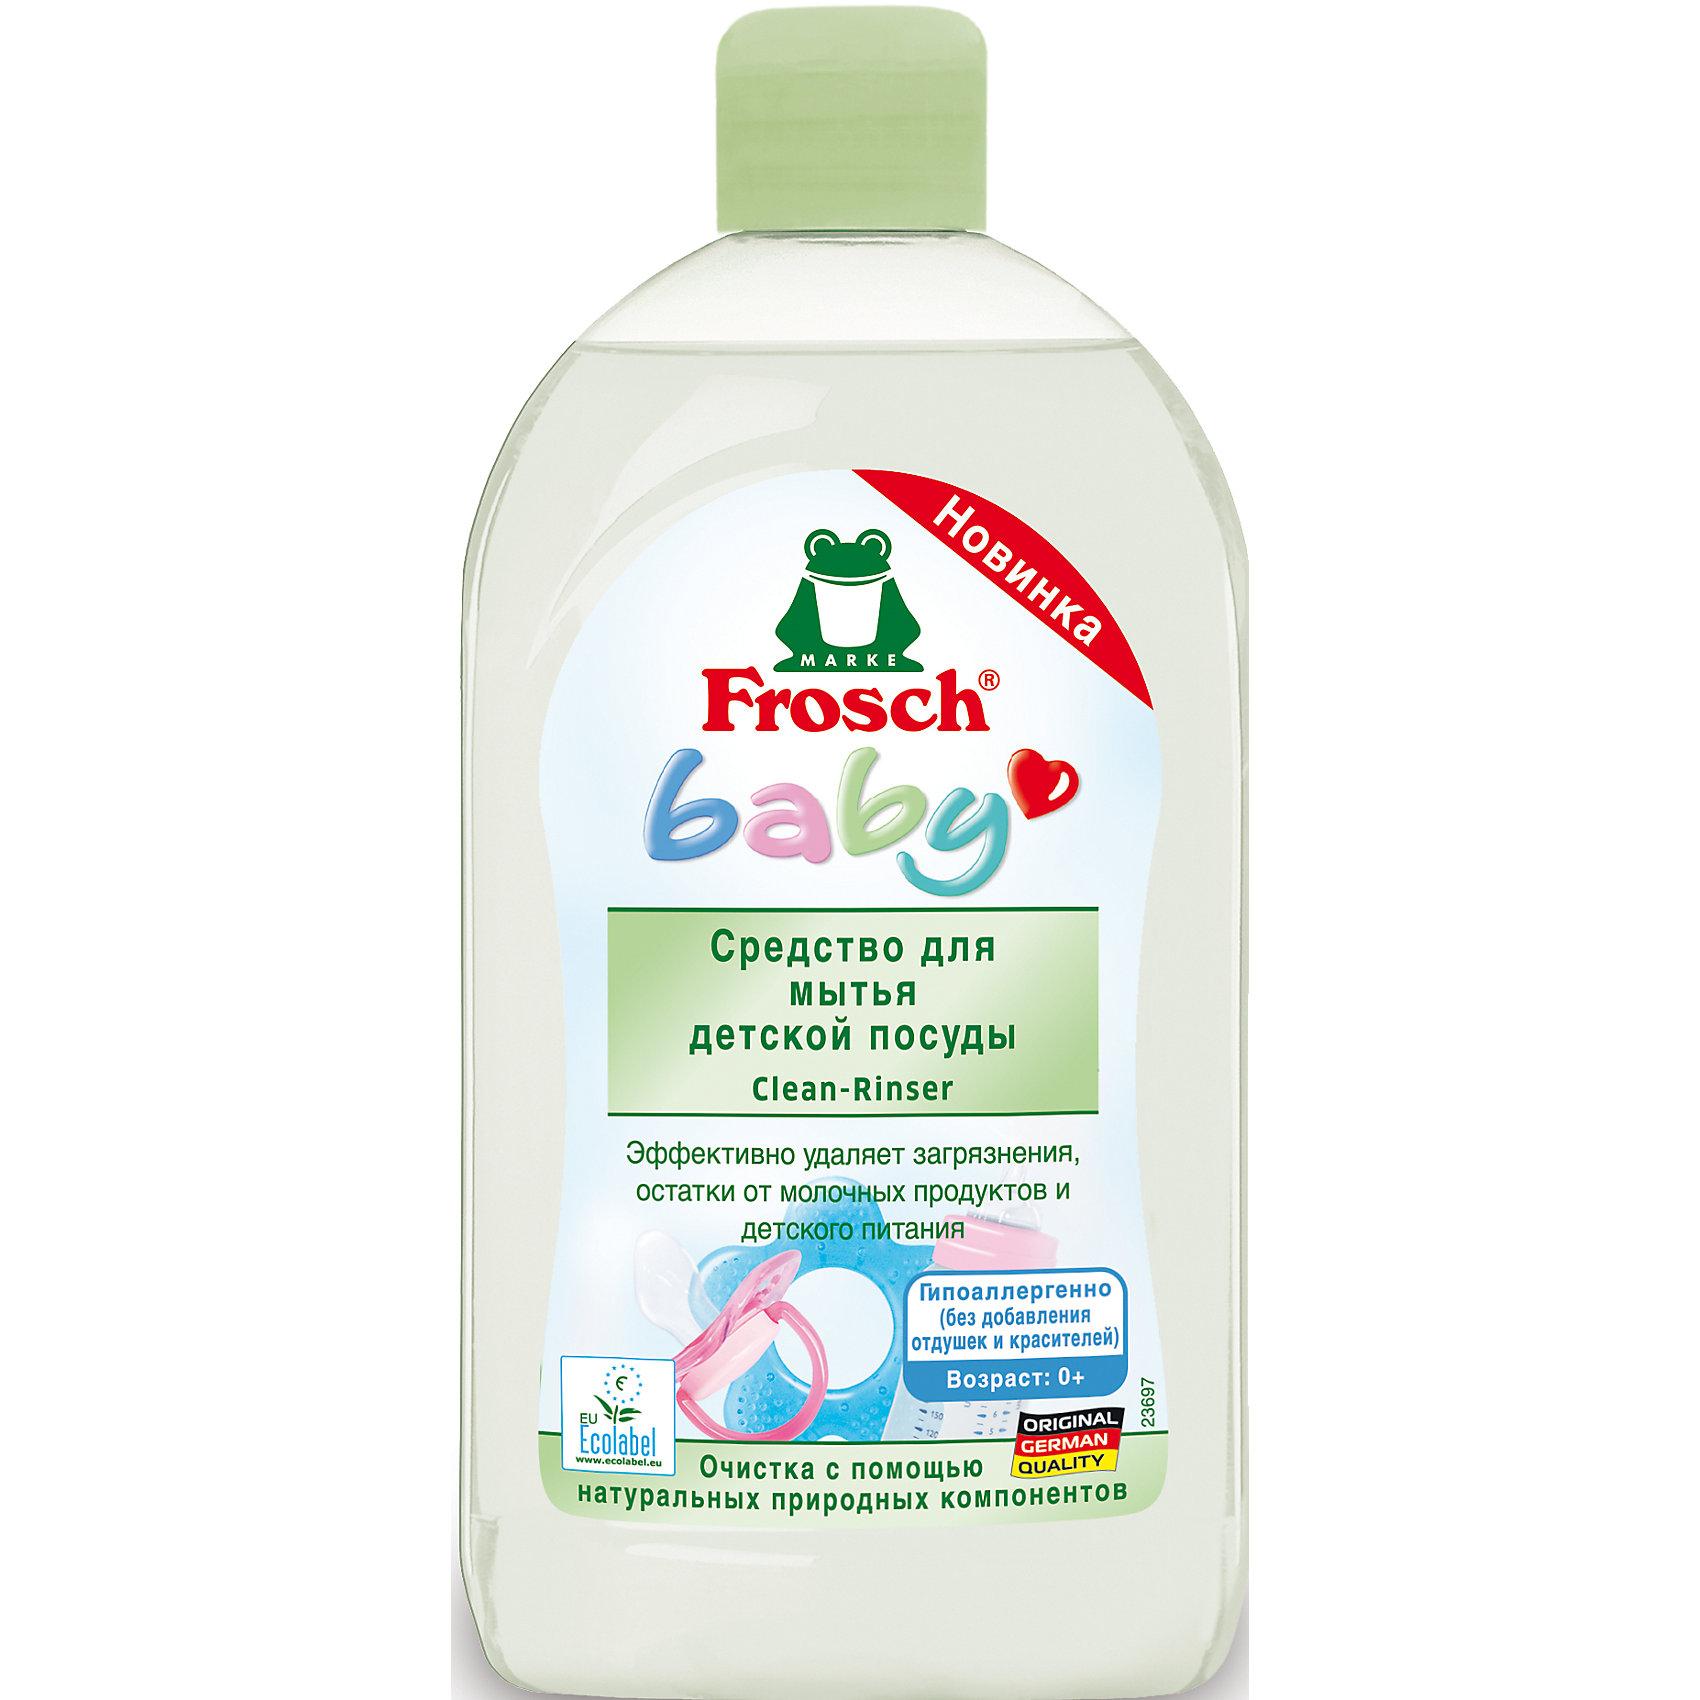 Средство для мытья детской посуды, 0,5л, FroschХарактеристики товара:<br><br>• объем: 500 мл<br>• упаковка: пластик<br>• страна бренда: Германия<br>• страна изготовитель: Германия<br><br>Средство для мытья детской посуды должно быть абсолютно безопасным. Вещества обычных средств могут содержать опасные для здоровья компоненты. Но только не продукция компании Frosch. <br><br>Средство эффективно удаляет жир и загрязнения с посуды, придает аромат зеленого лимона. Химический состав безопасен при использовании, а так же полностью смывается водой. Материалы, использованные при изготовлении товара, сертифицированы и отвечают всем международным требованиям по качеству. <br><br>Средство для мытья детской посуды 0,5 л, от немецкого производителя Frosch (Фрош) можно приобрести в нашем интернет-магазине.<br><br>Ширина мм: 85<br>Глубина мм: 52<br>Высота мм: 200<br>Вес г: 562<br>Возраст от месяцев: 216<br>Возраст до месяцев: 1188<br>Пол: Унисекс<br>Возраст: Детский<br>SKU: 5185733